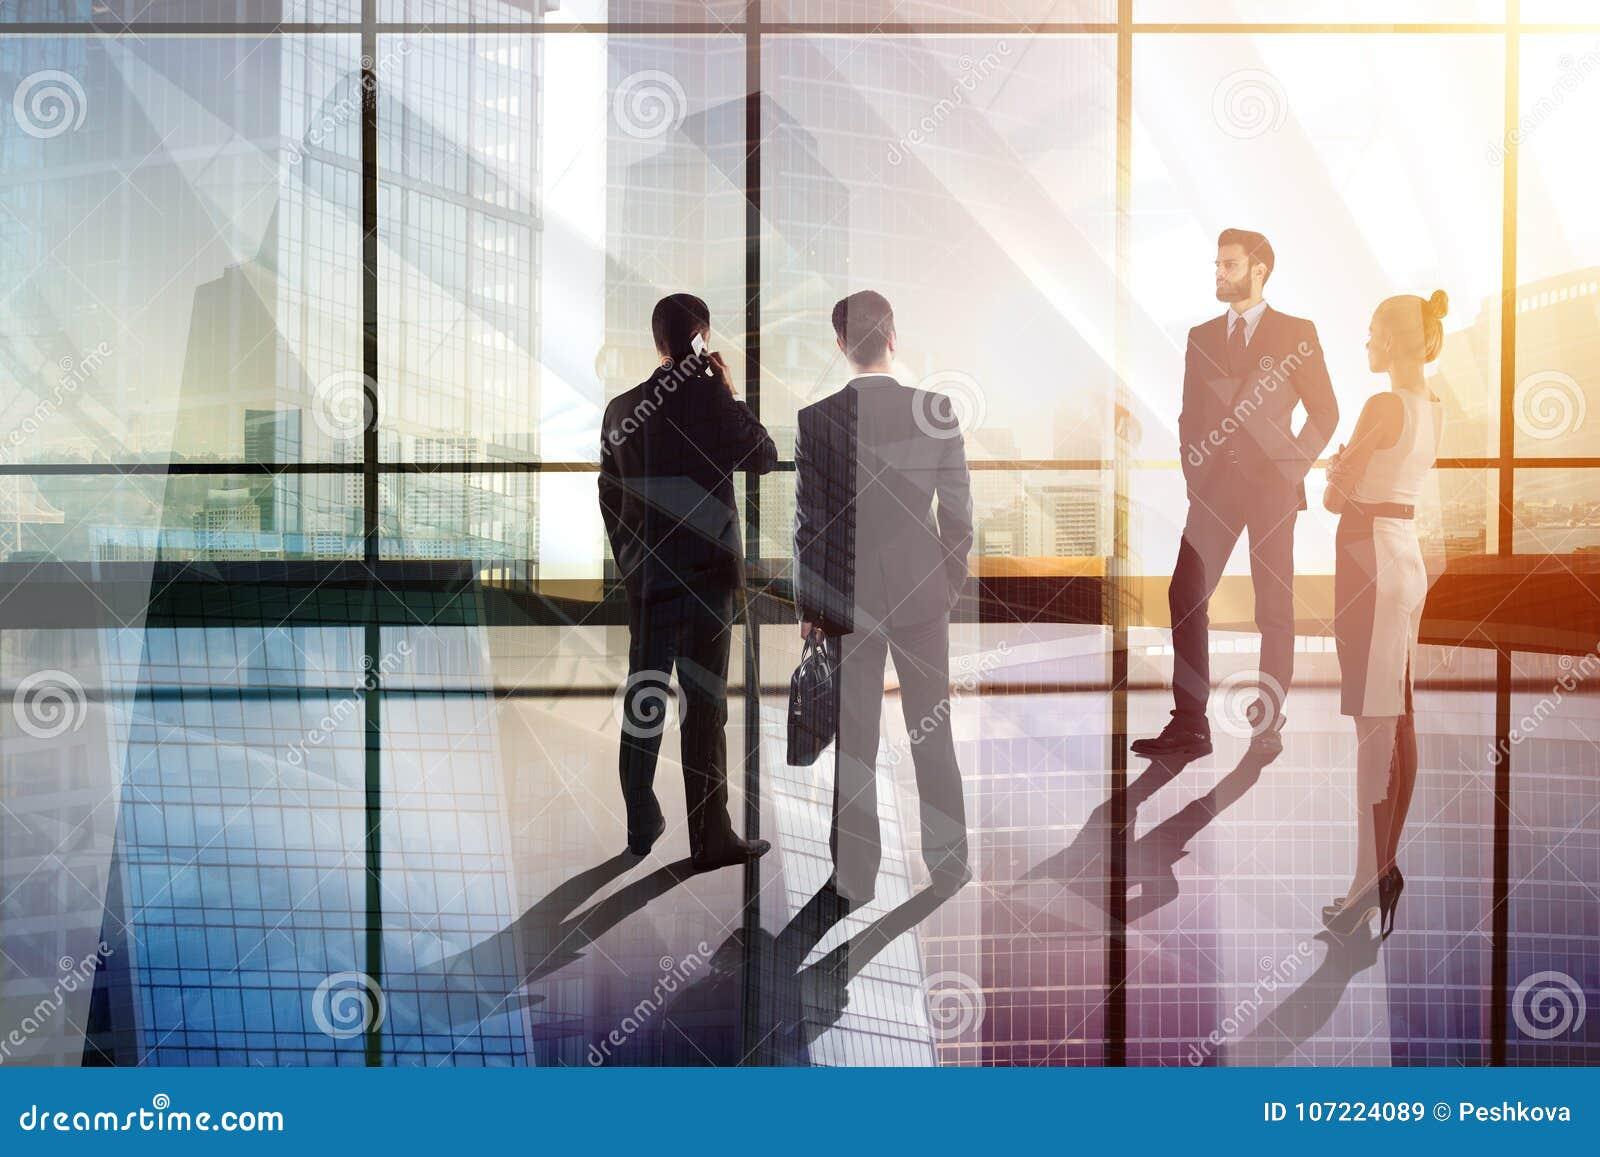 Sitzungs- und Mengenkonzept